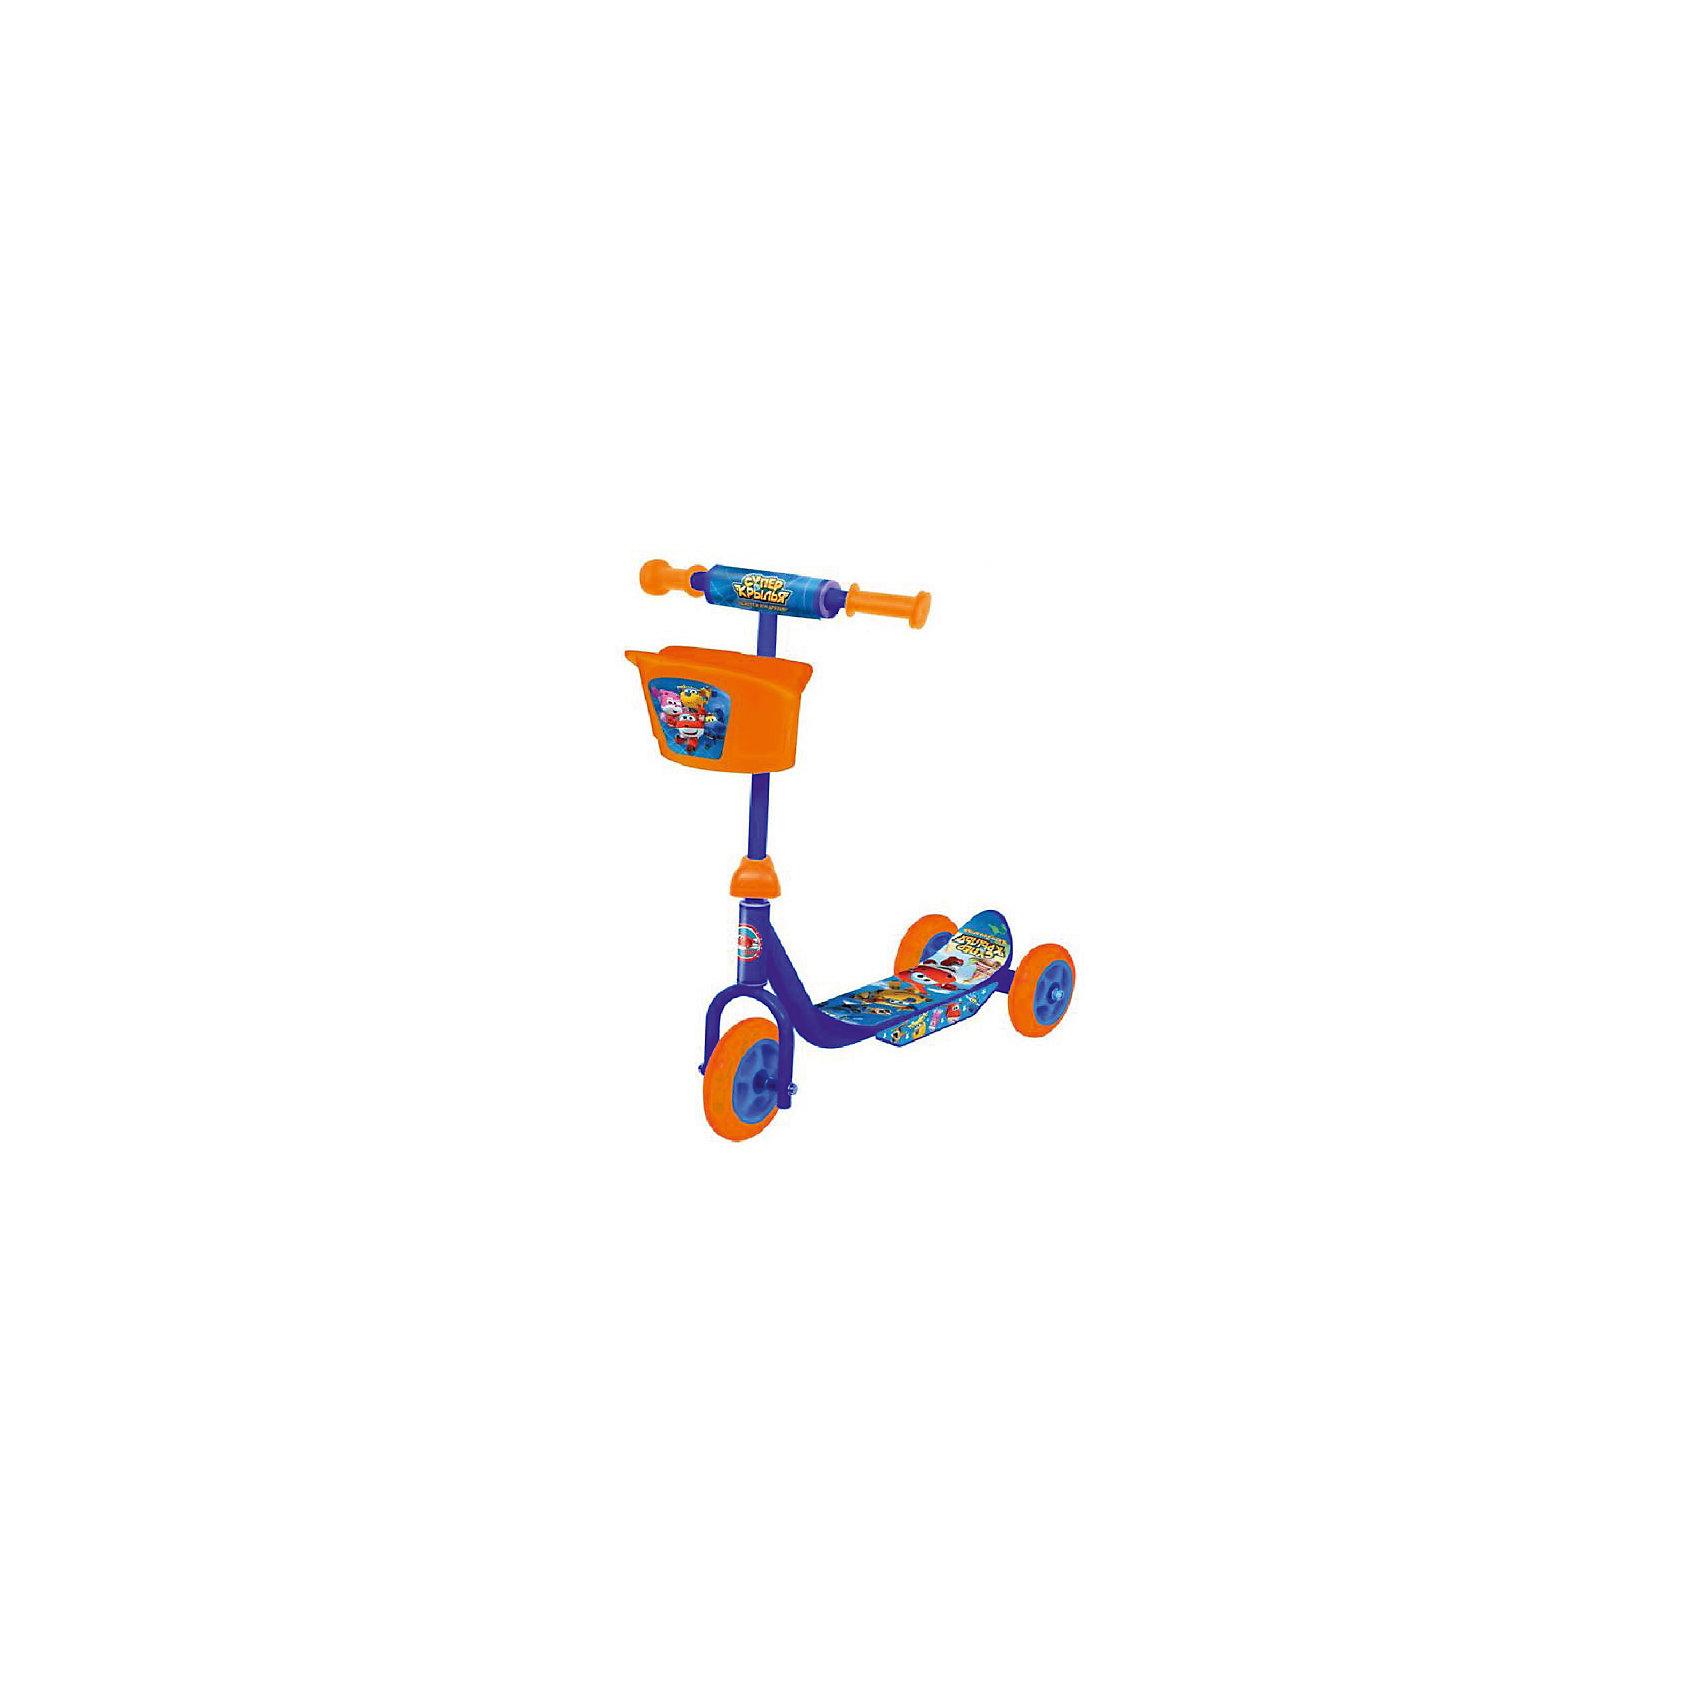 Трехколесный самокат, Супер Крылья, NextИгрушки<br>Самокат 3-колесный Супер крылья для самых маленьких- колеса пвх: переднее 140 мм, задние 125 мм,- платформа 34 х 10 см,- материал: пластик, сталь,- удобная пластиковая корзина,- устойчивая безопасная конструкция,- максимальная нагрузка - 20 кг<br><br>Ширина мм: 300<br>Глубина мм: 600<br>Высота мм: 600<br>Вес г: 3180<br>Возраст от месяцев: 36<br>Возраст до месяцев: 60<br>Пол: Унисекс<br>Возраст: Детский<br>SKU: 5530225